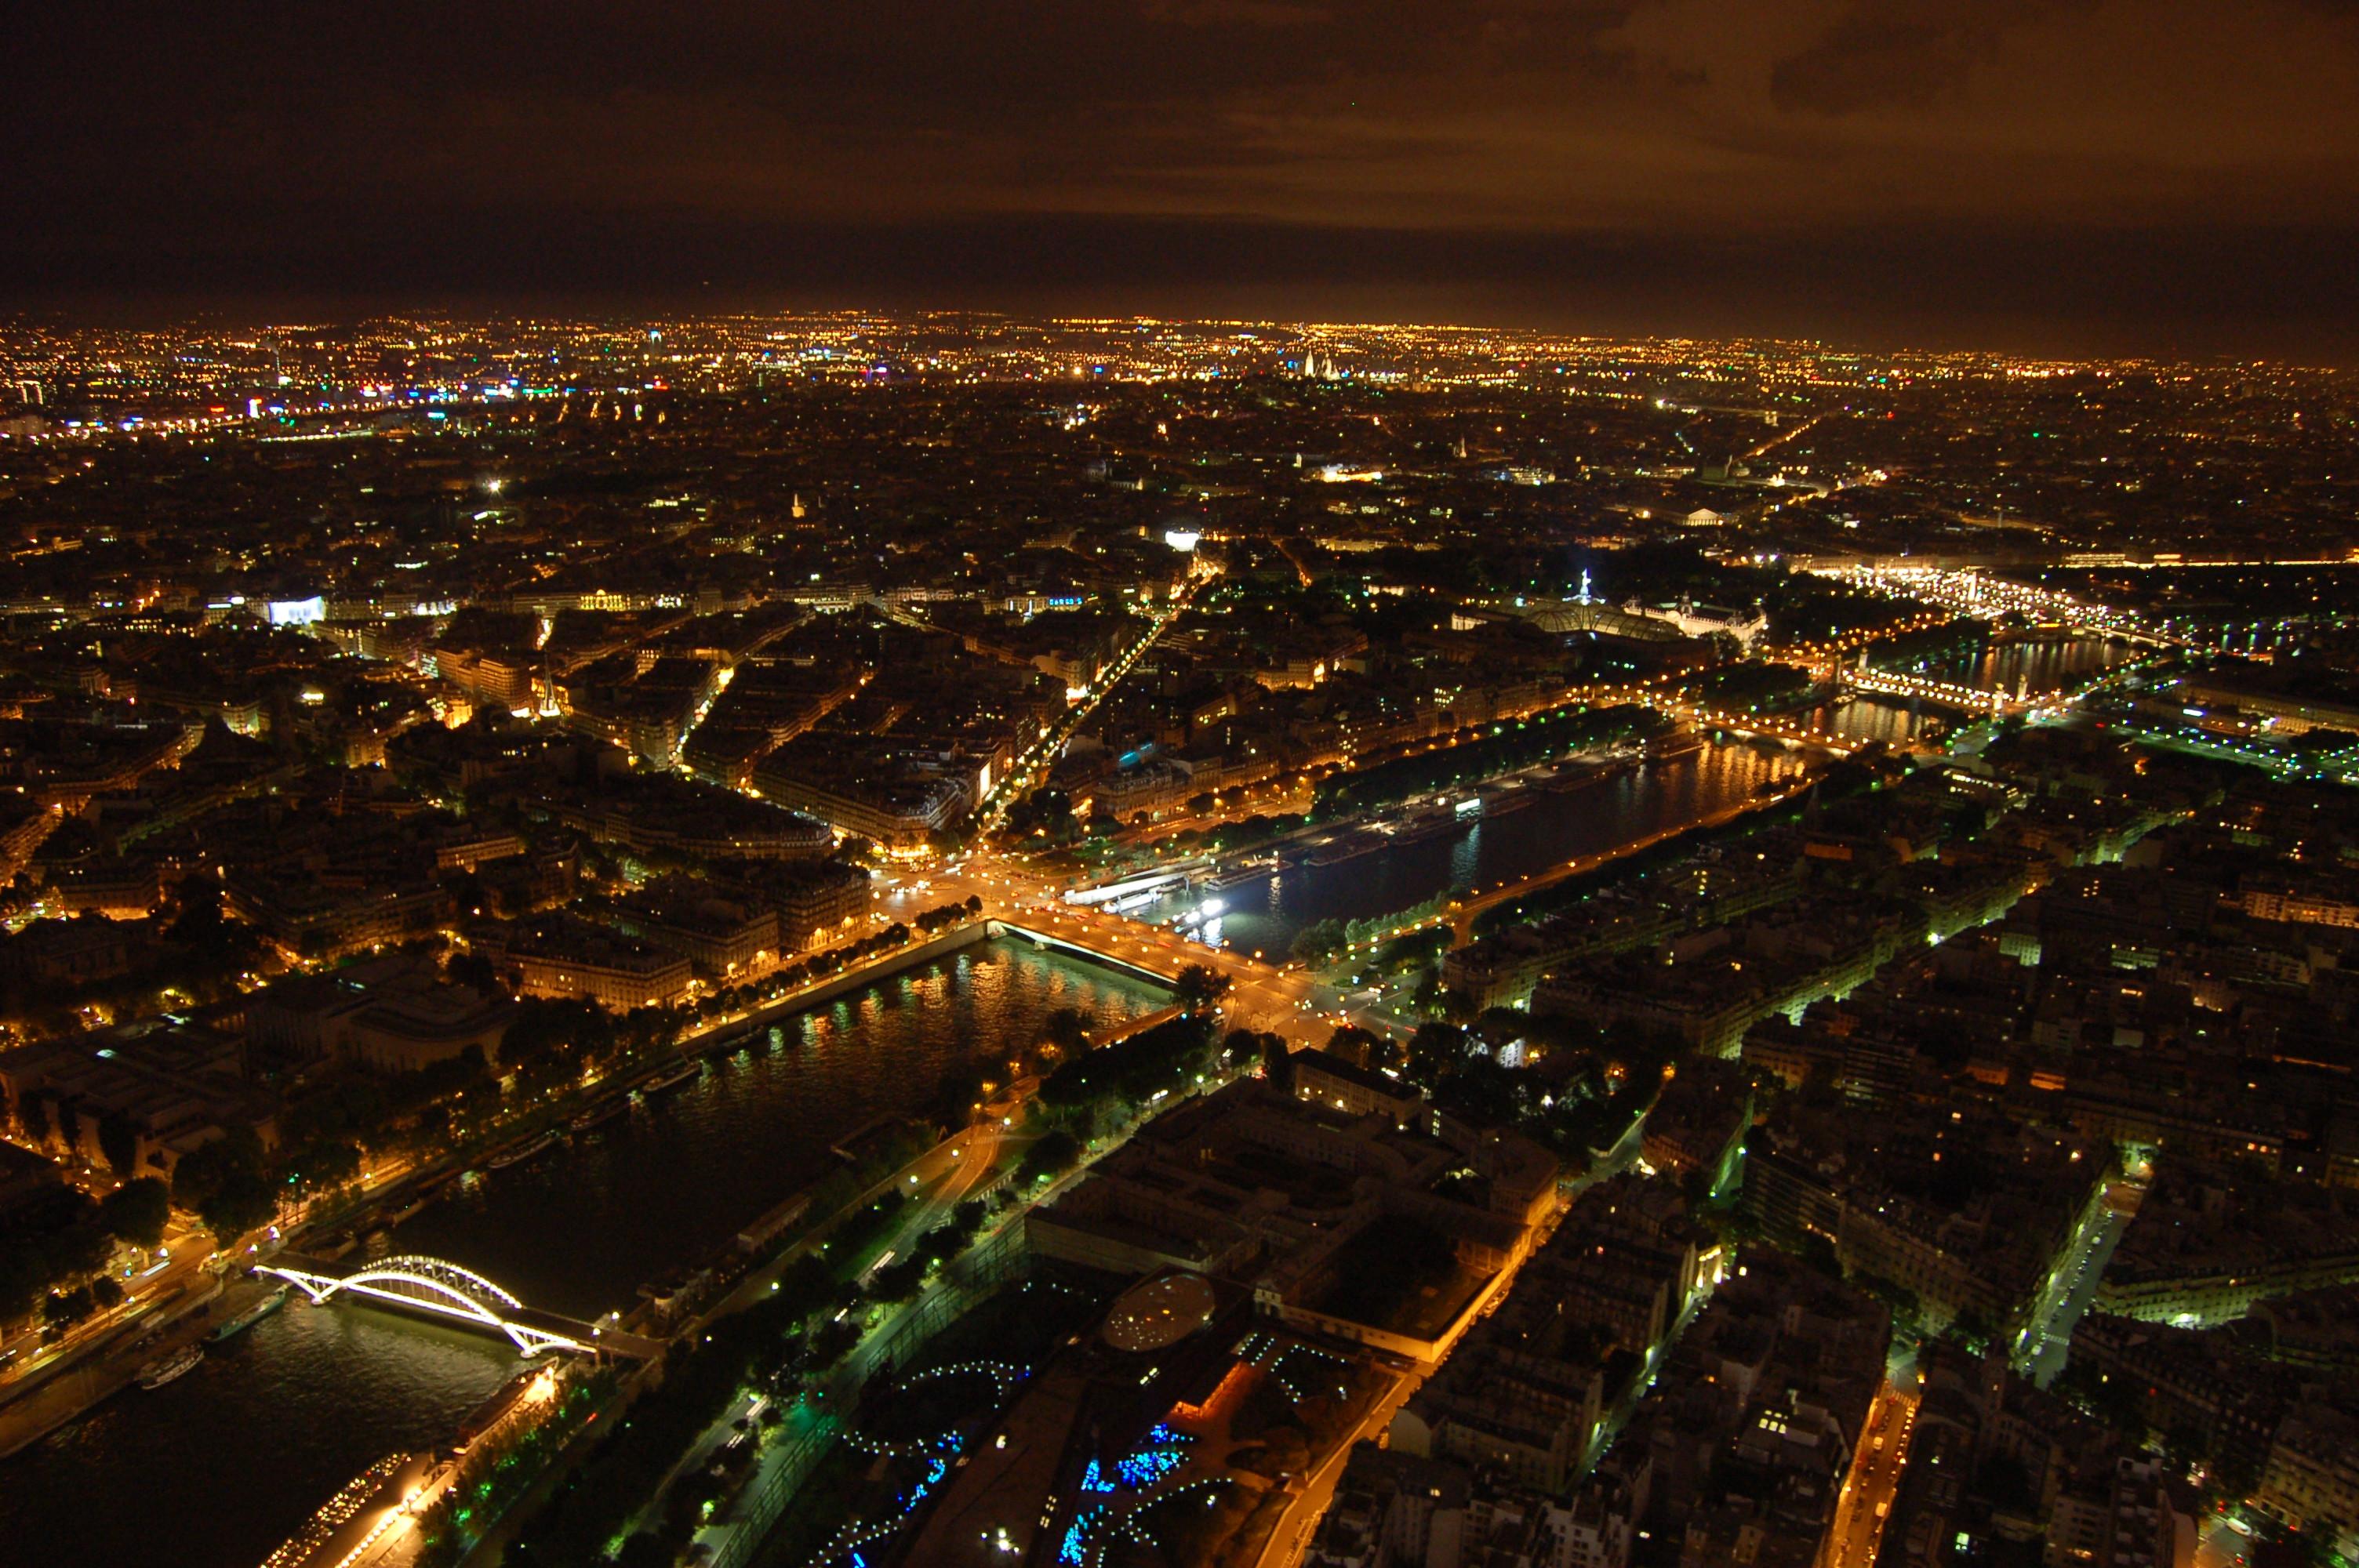 noční pohled z Eiffleovy věže IV.JPG